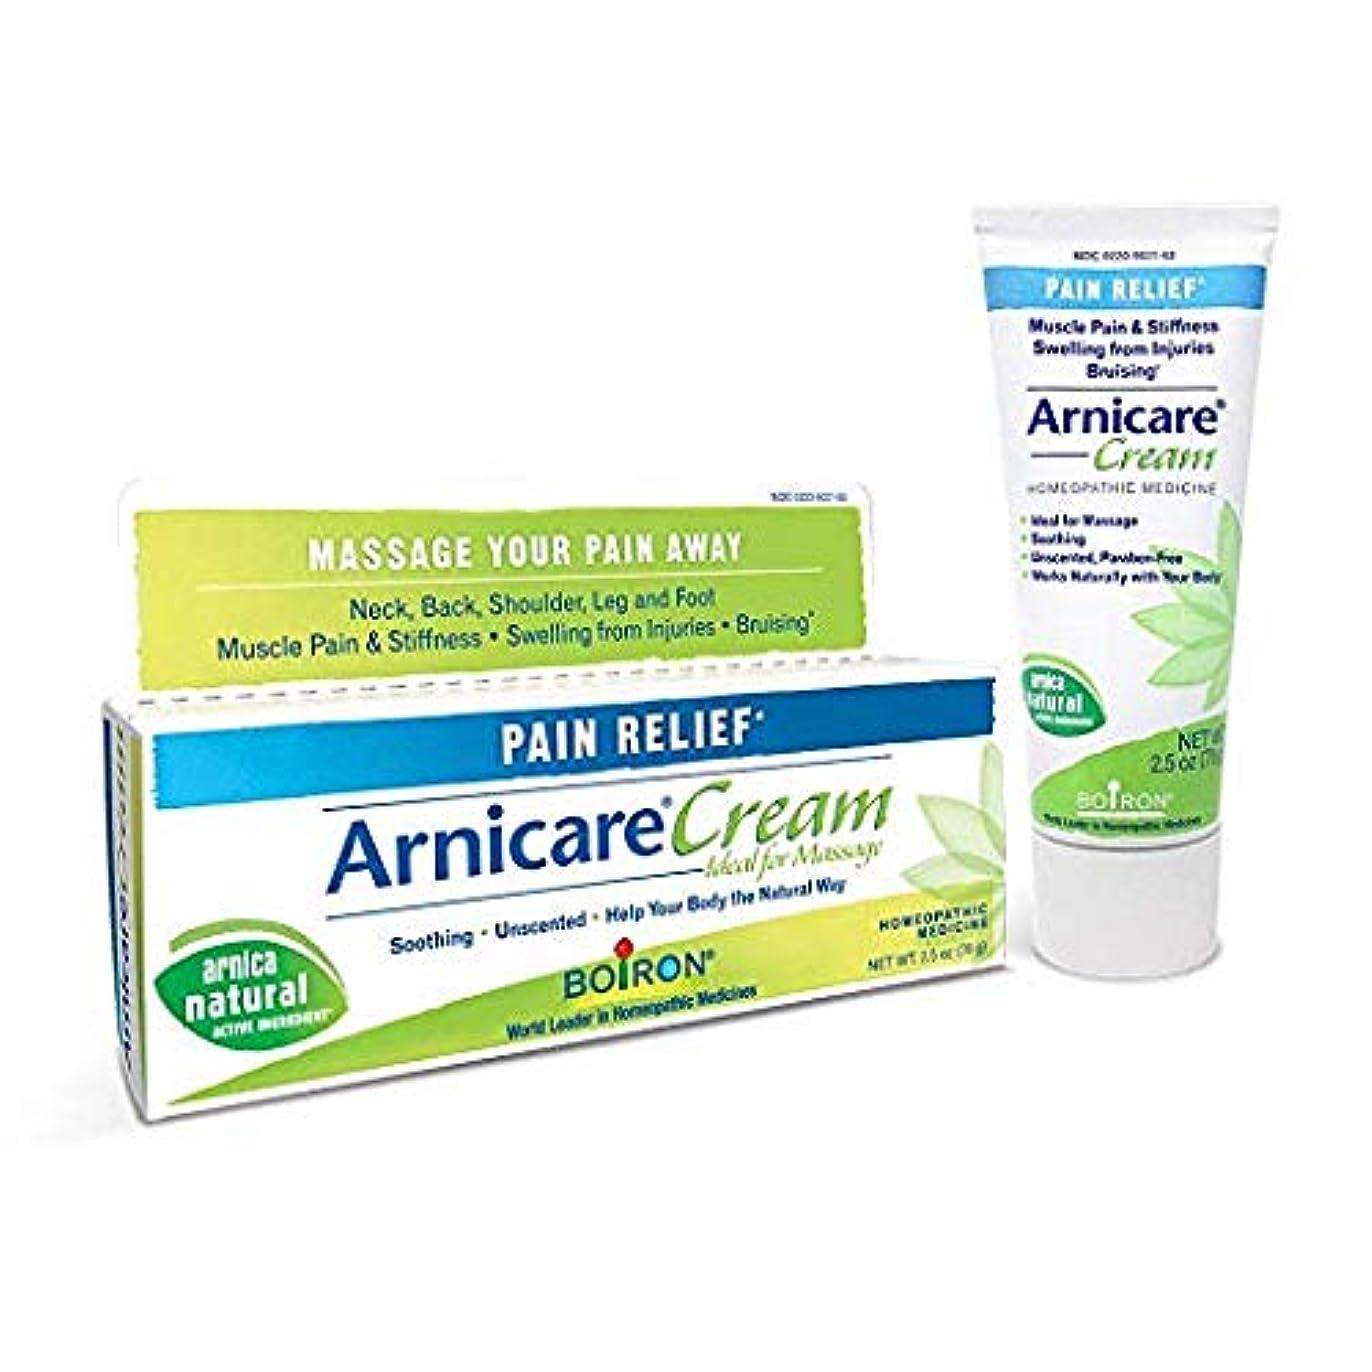 ハード海藻平等ボイロン アルニカクリーム Boiron Arnicare Cream 2.5 Ounces Topical Pain Relief Cream [並行輸入品]